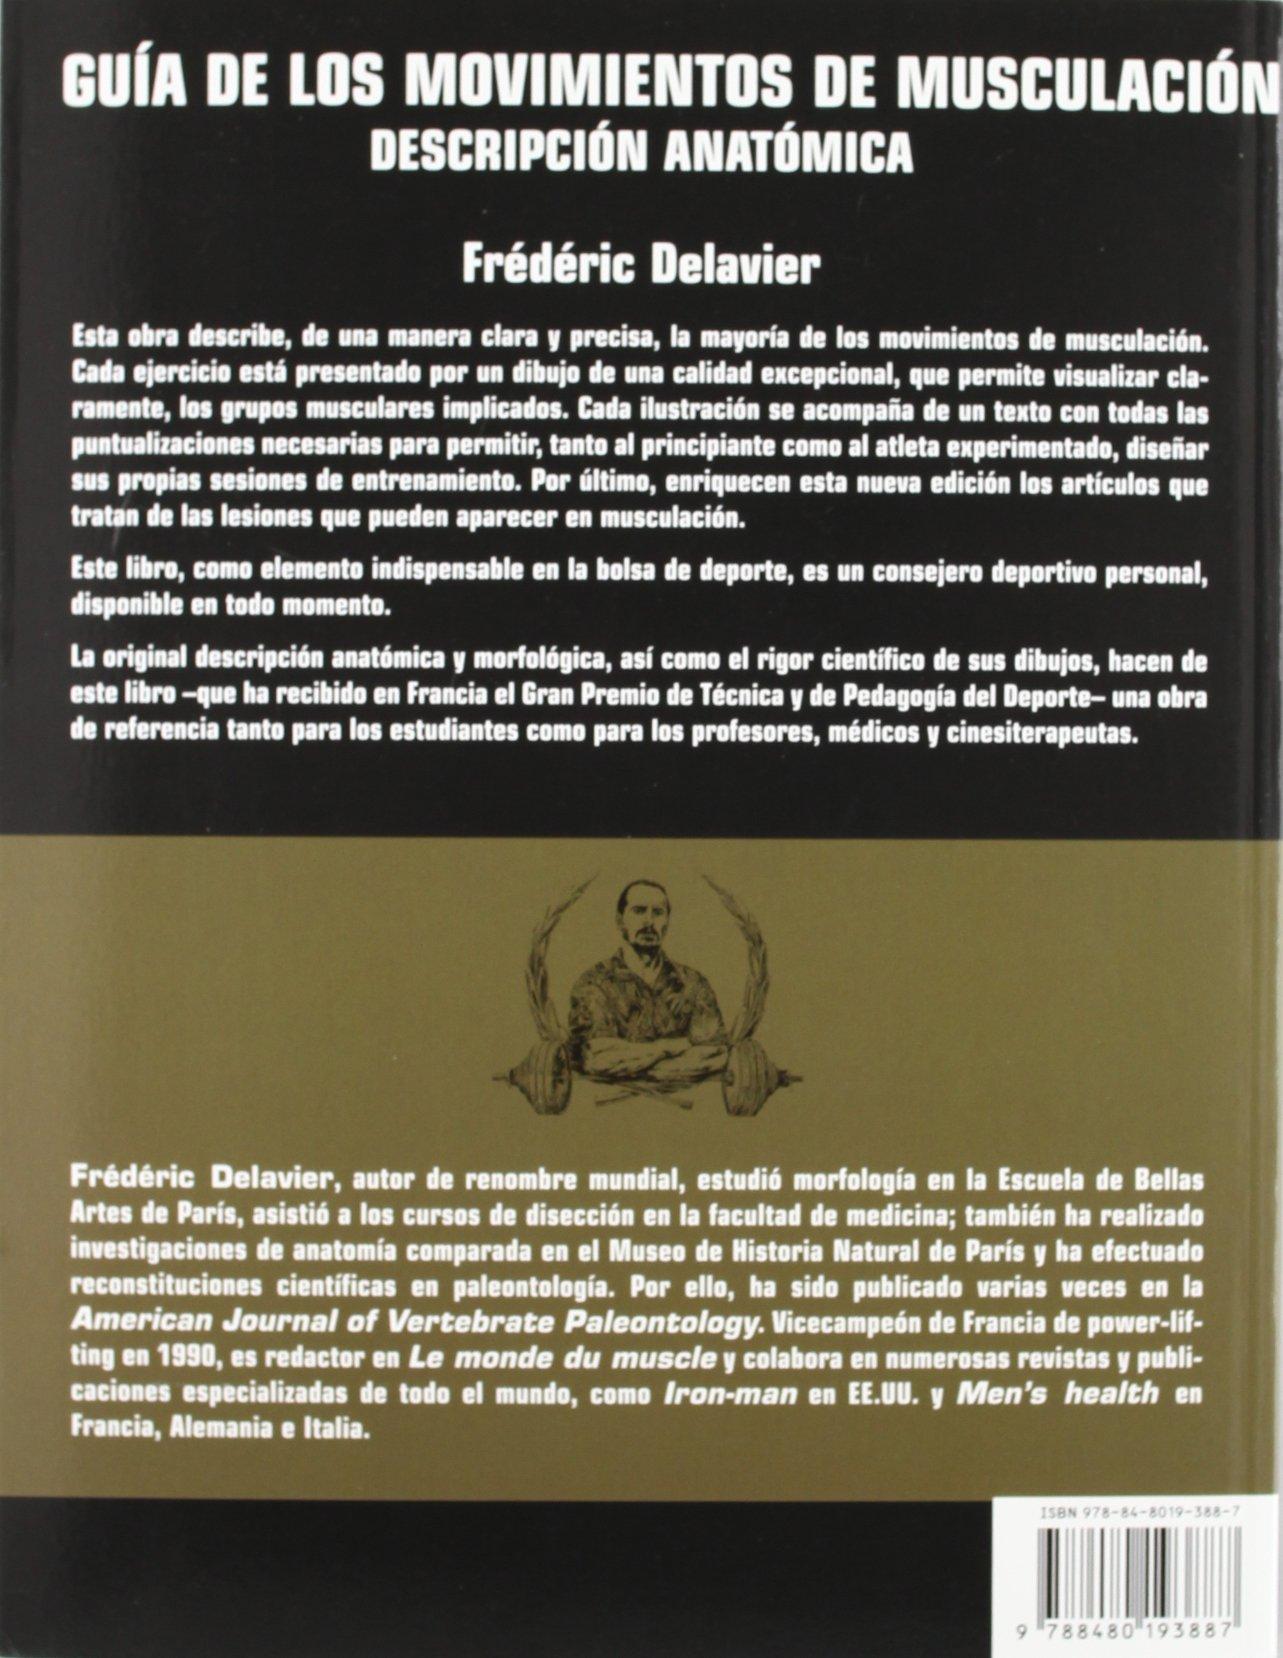 Guia de Los Movimientos de Musculacion (Spanish Edition): Frederic Delavier: 9788480193887: Amazon.com: Books